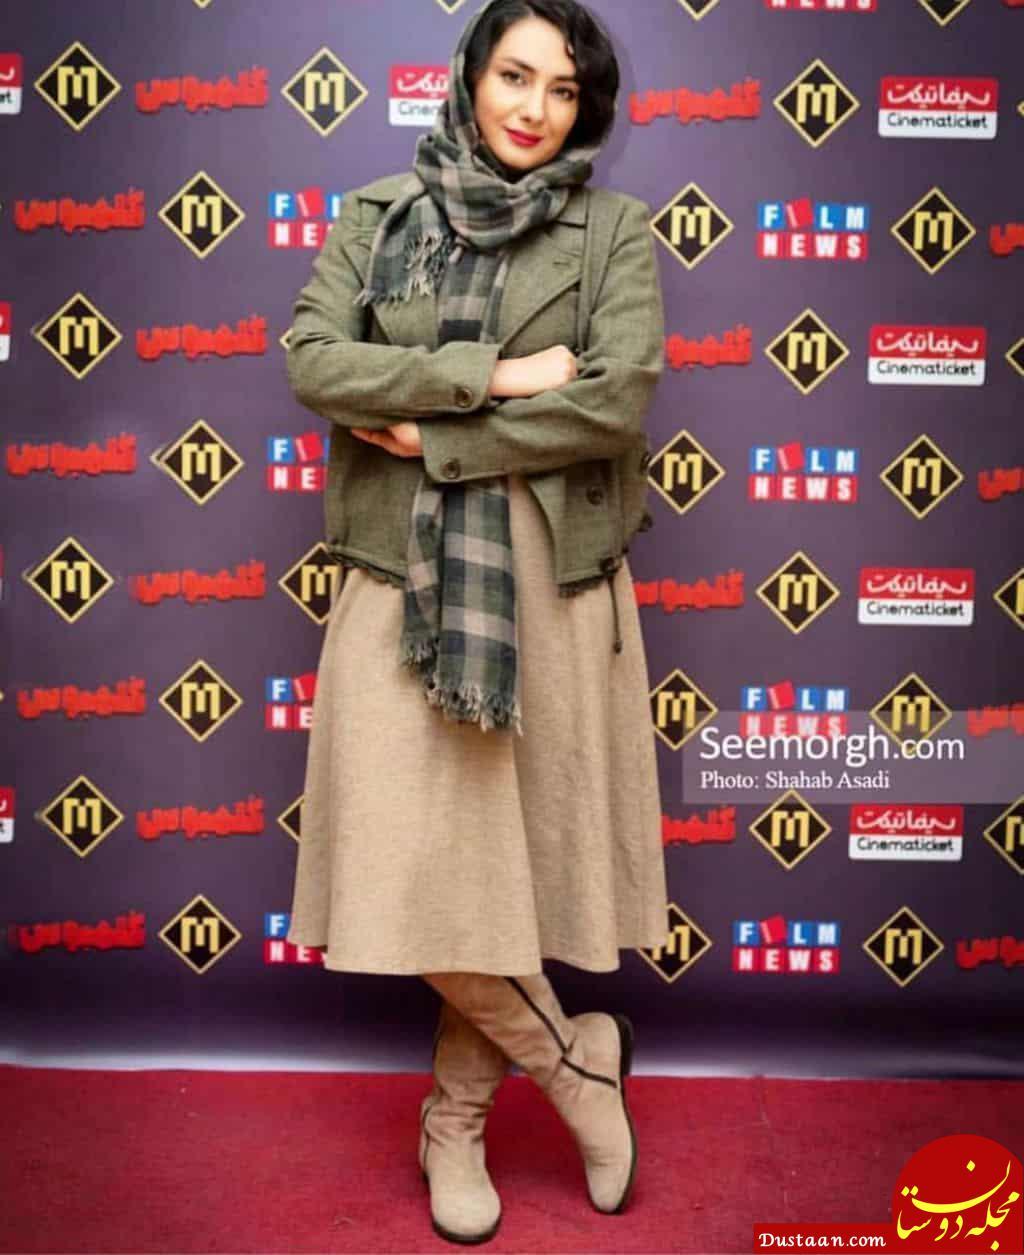 """تیپ متفاوت هانیه توسلی در اکران مردمی فیلم """"کلمبوس"""" +عکس"""